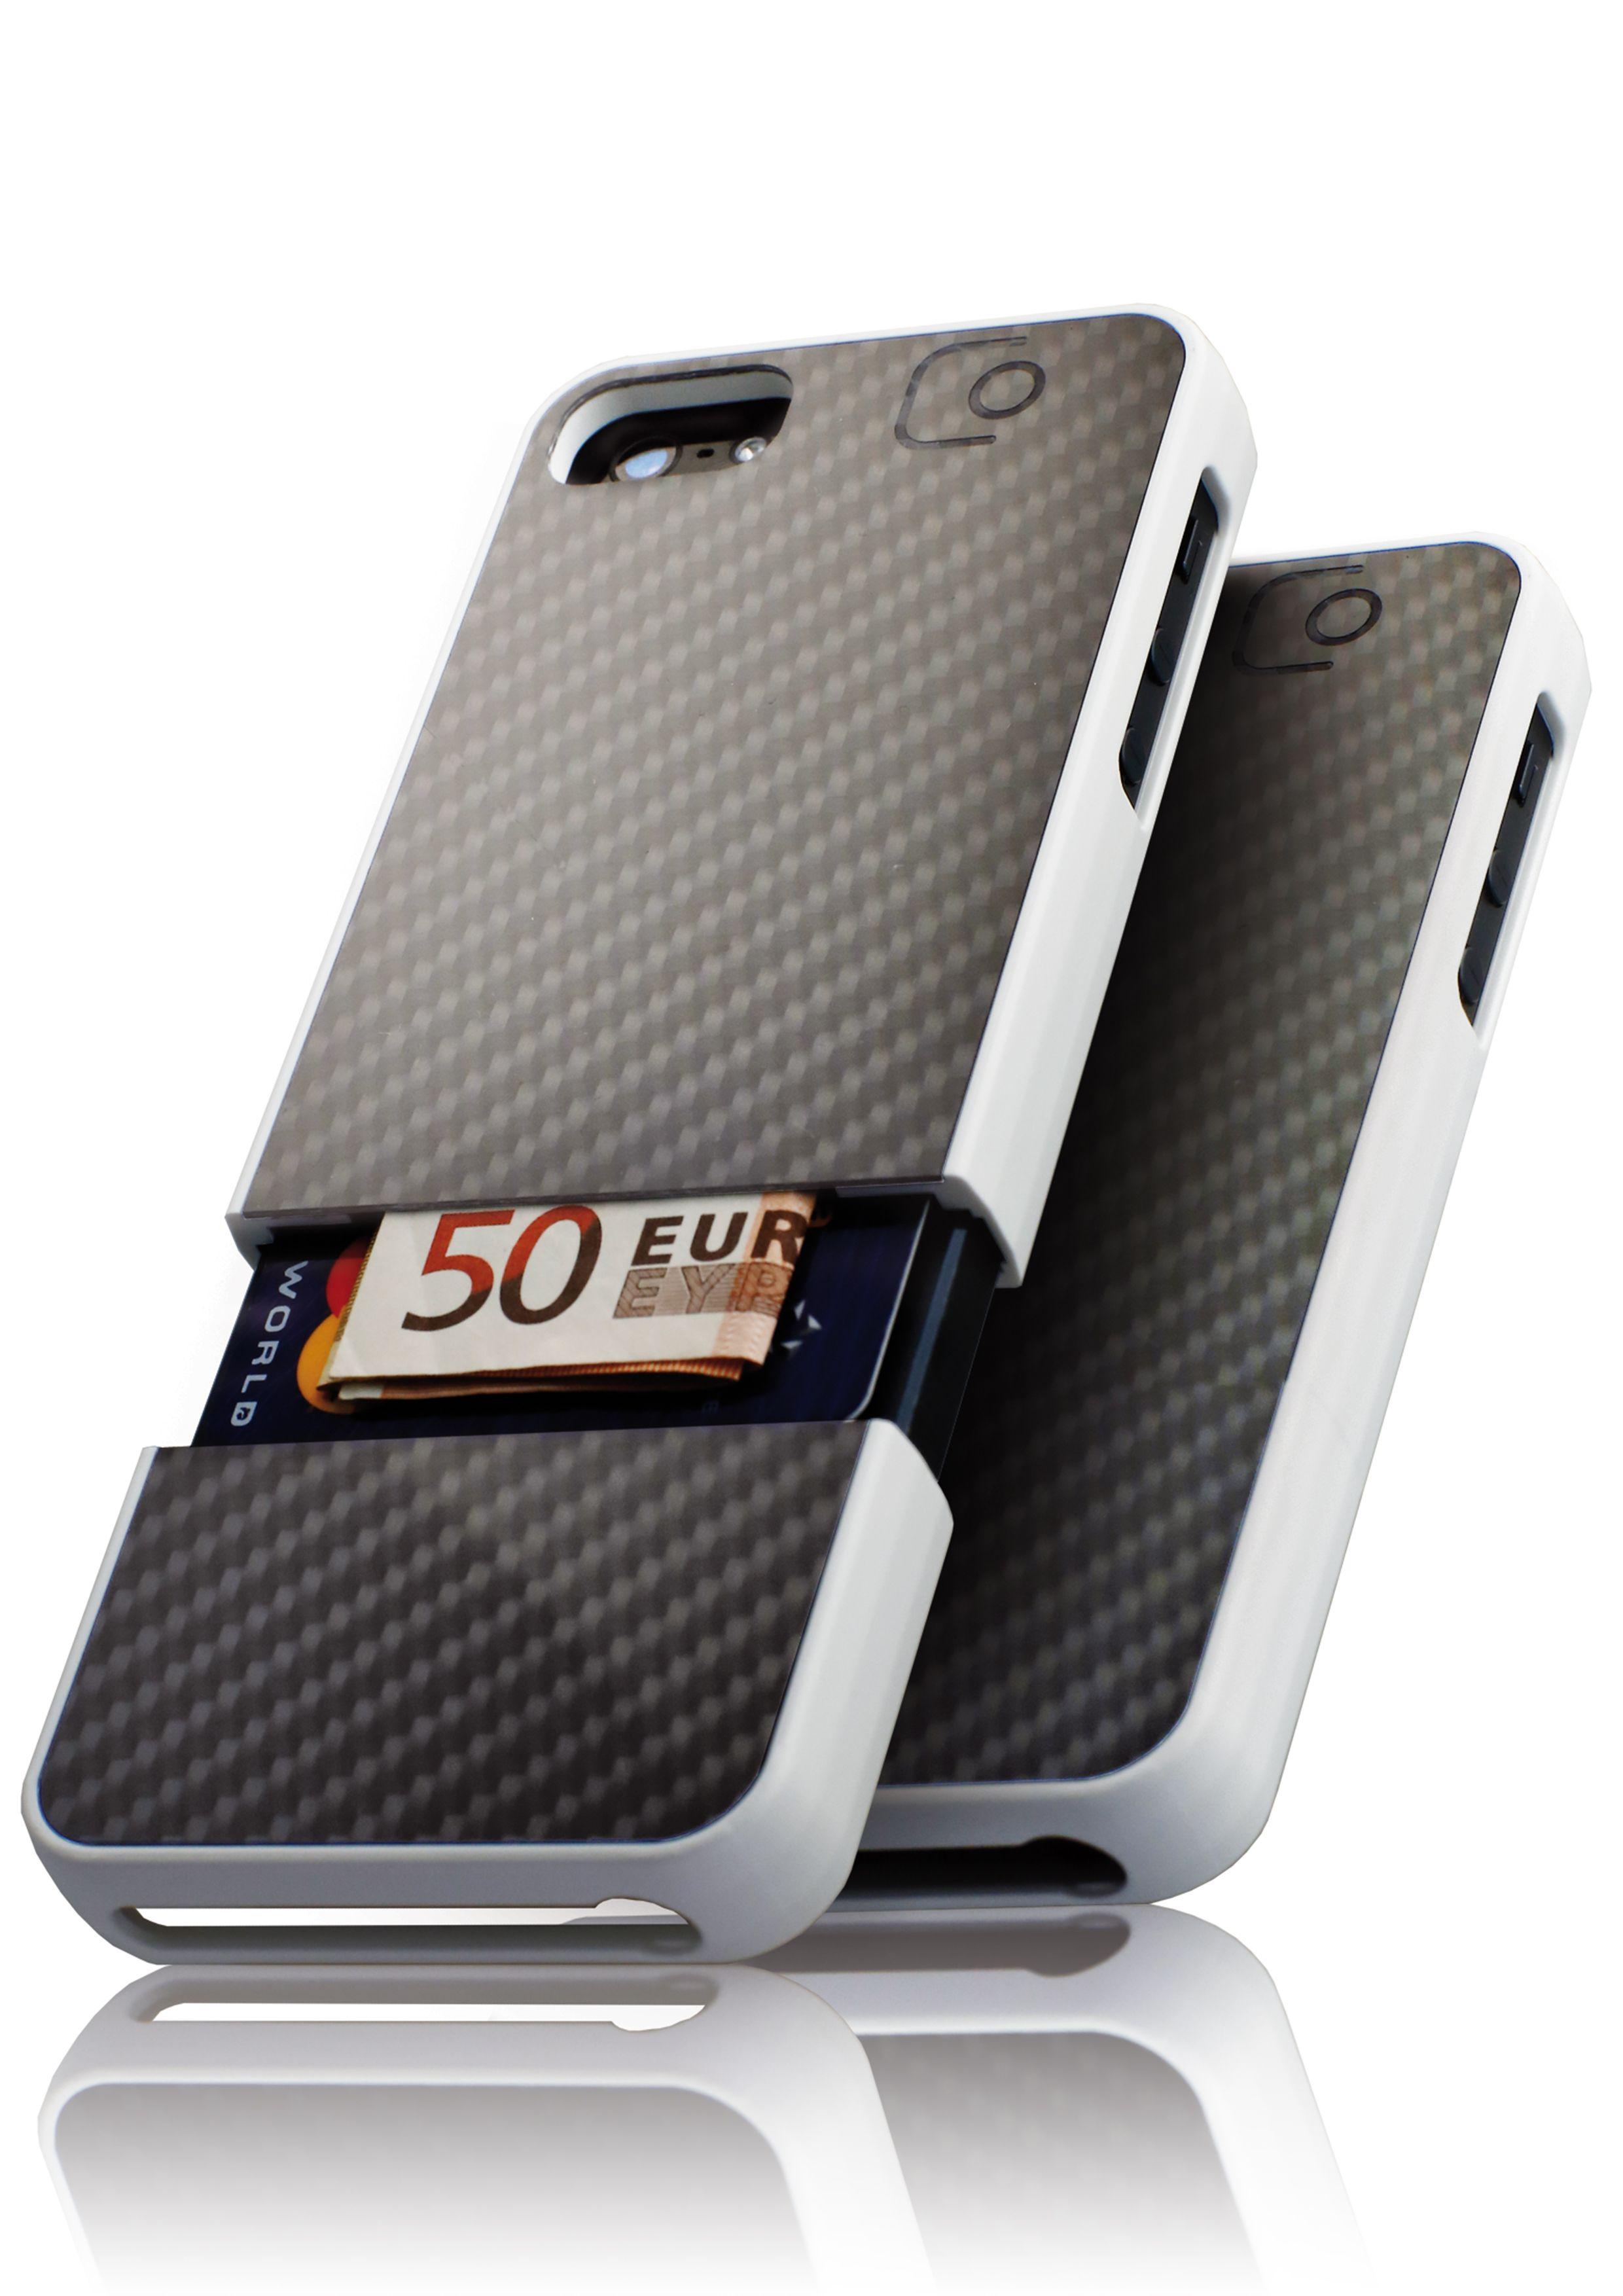 iphone 5s geht bei kälte plötzlich aus